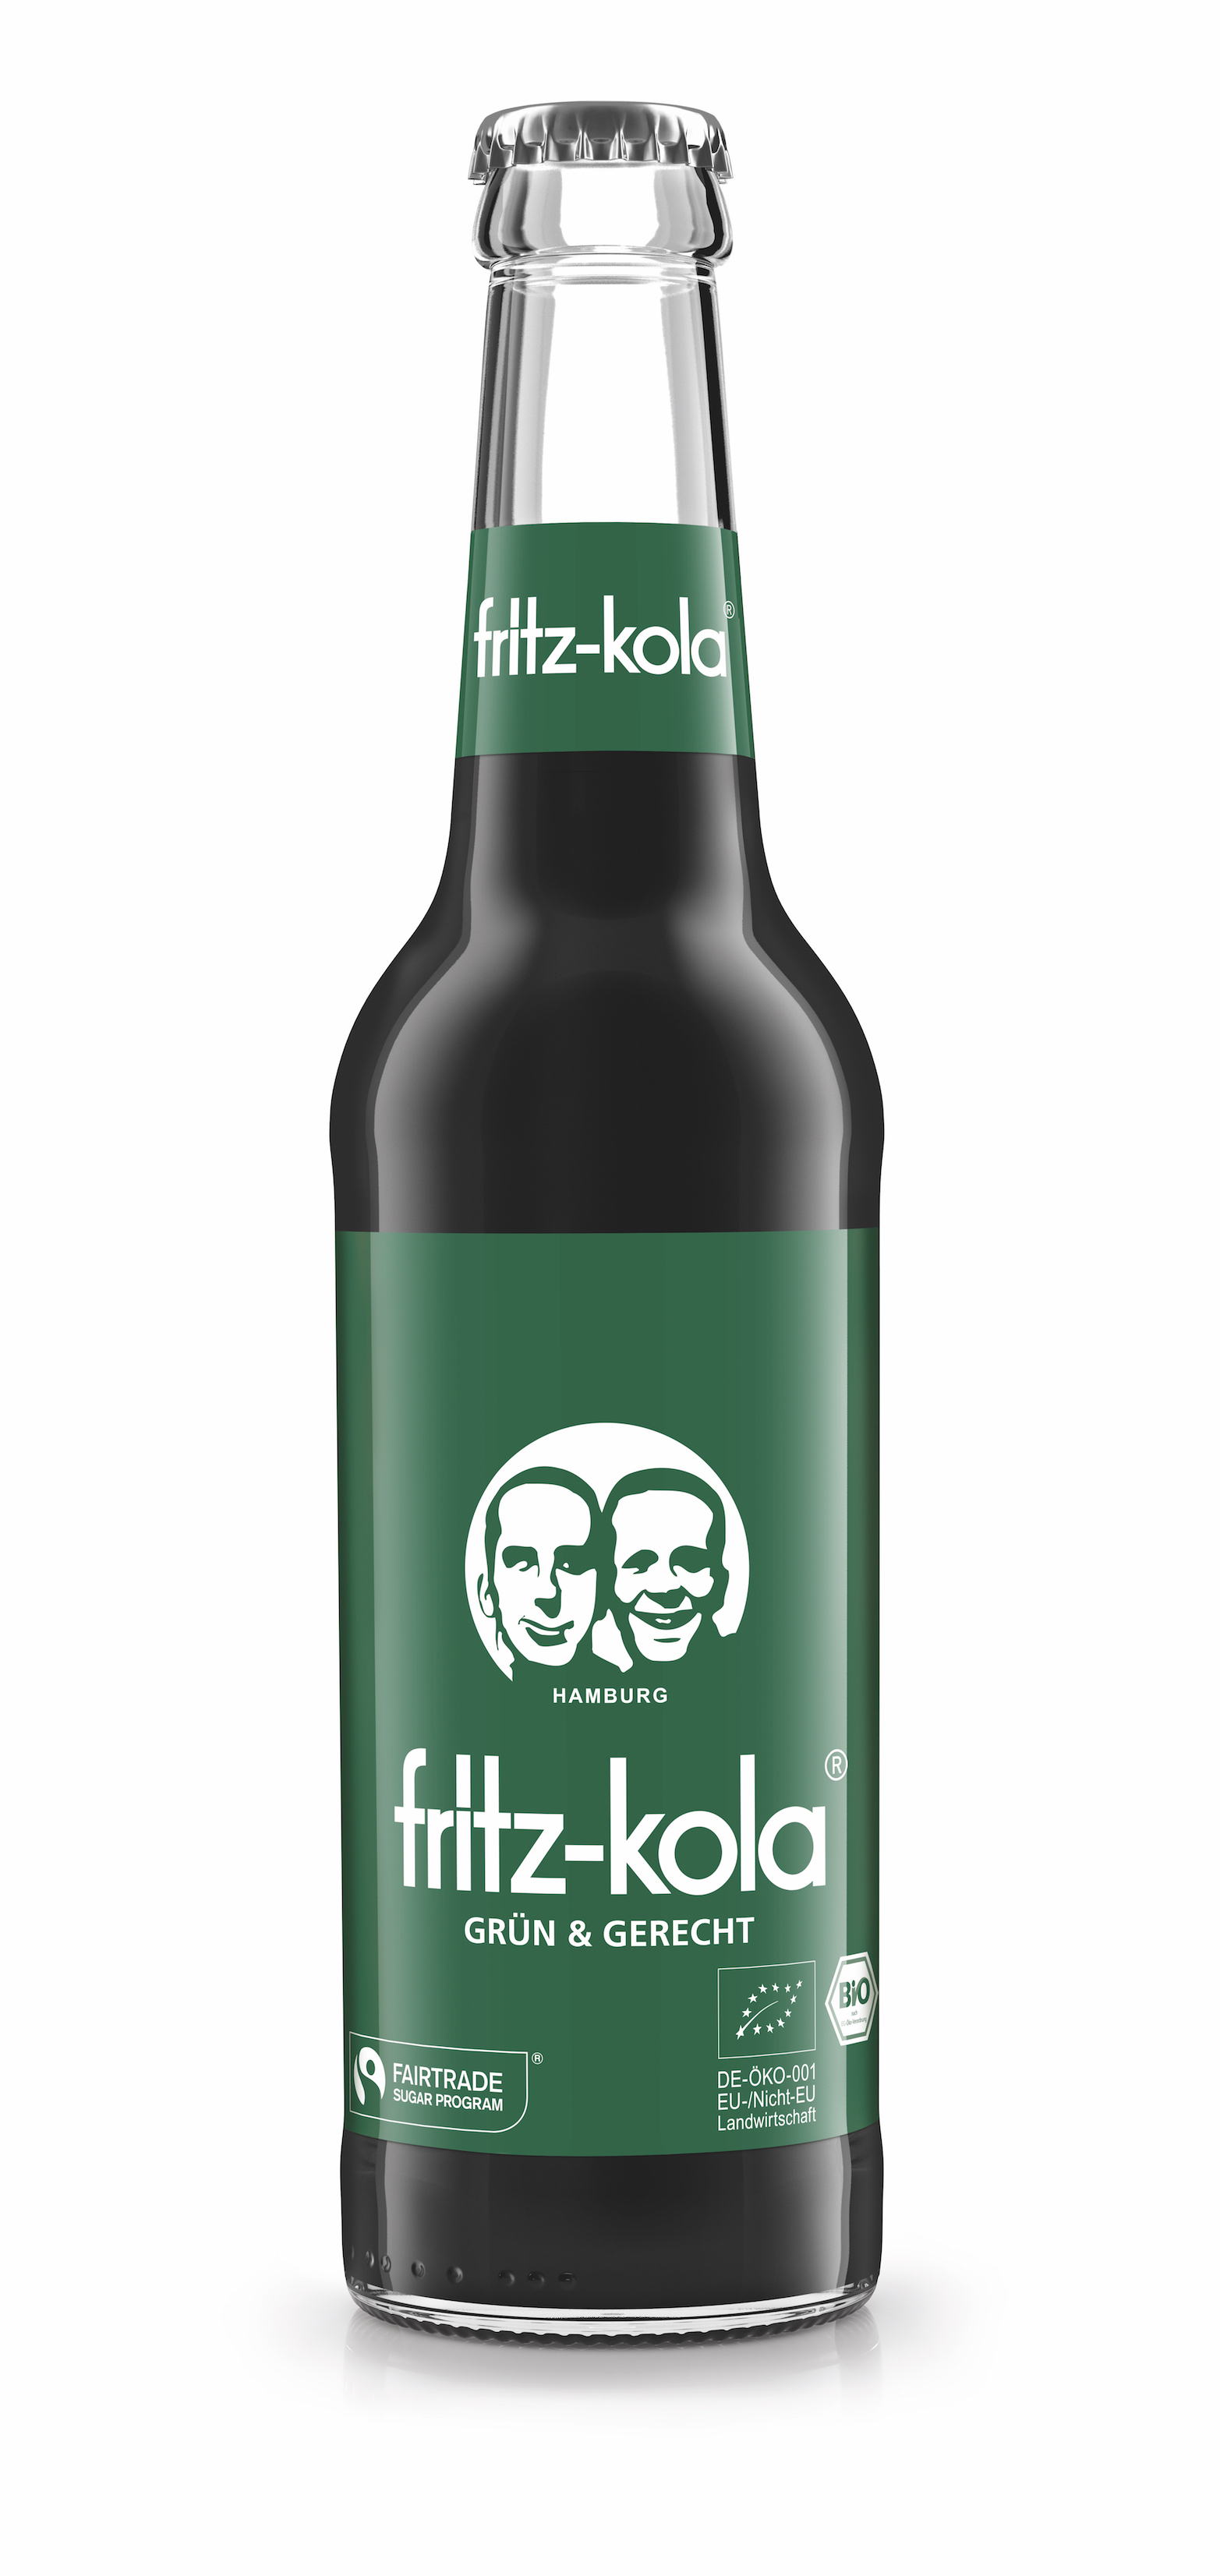 fritz-kola bringt Bio-Kola mit Fairtrade-Zucker auf den Markt